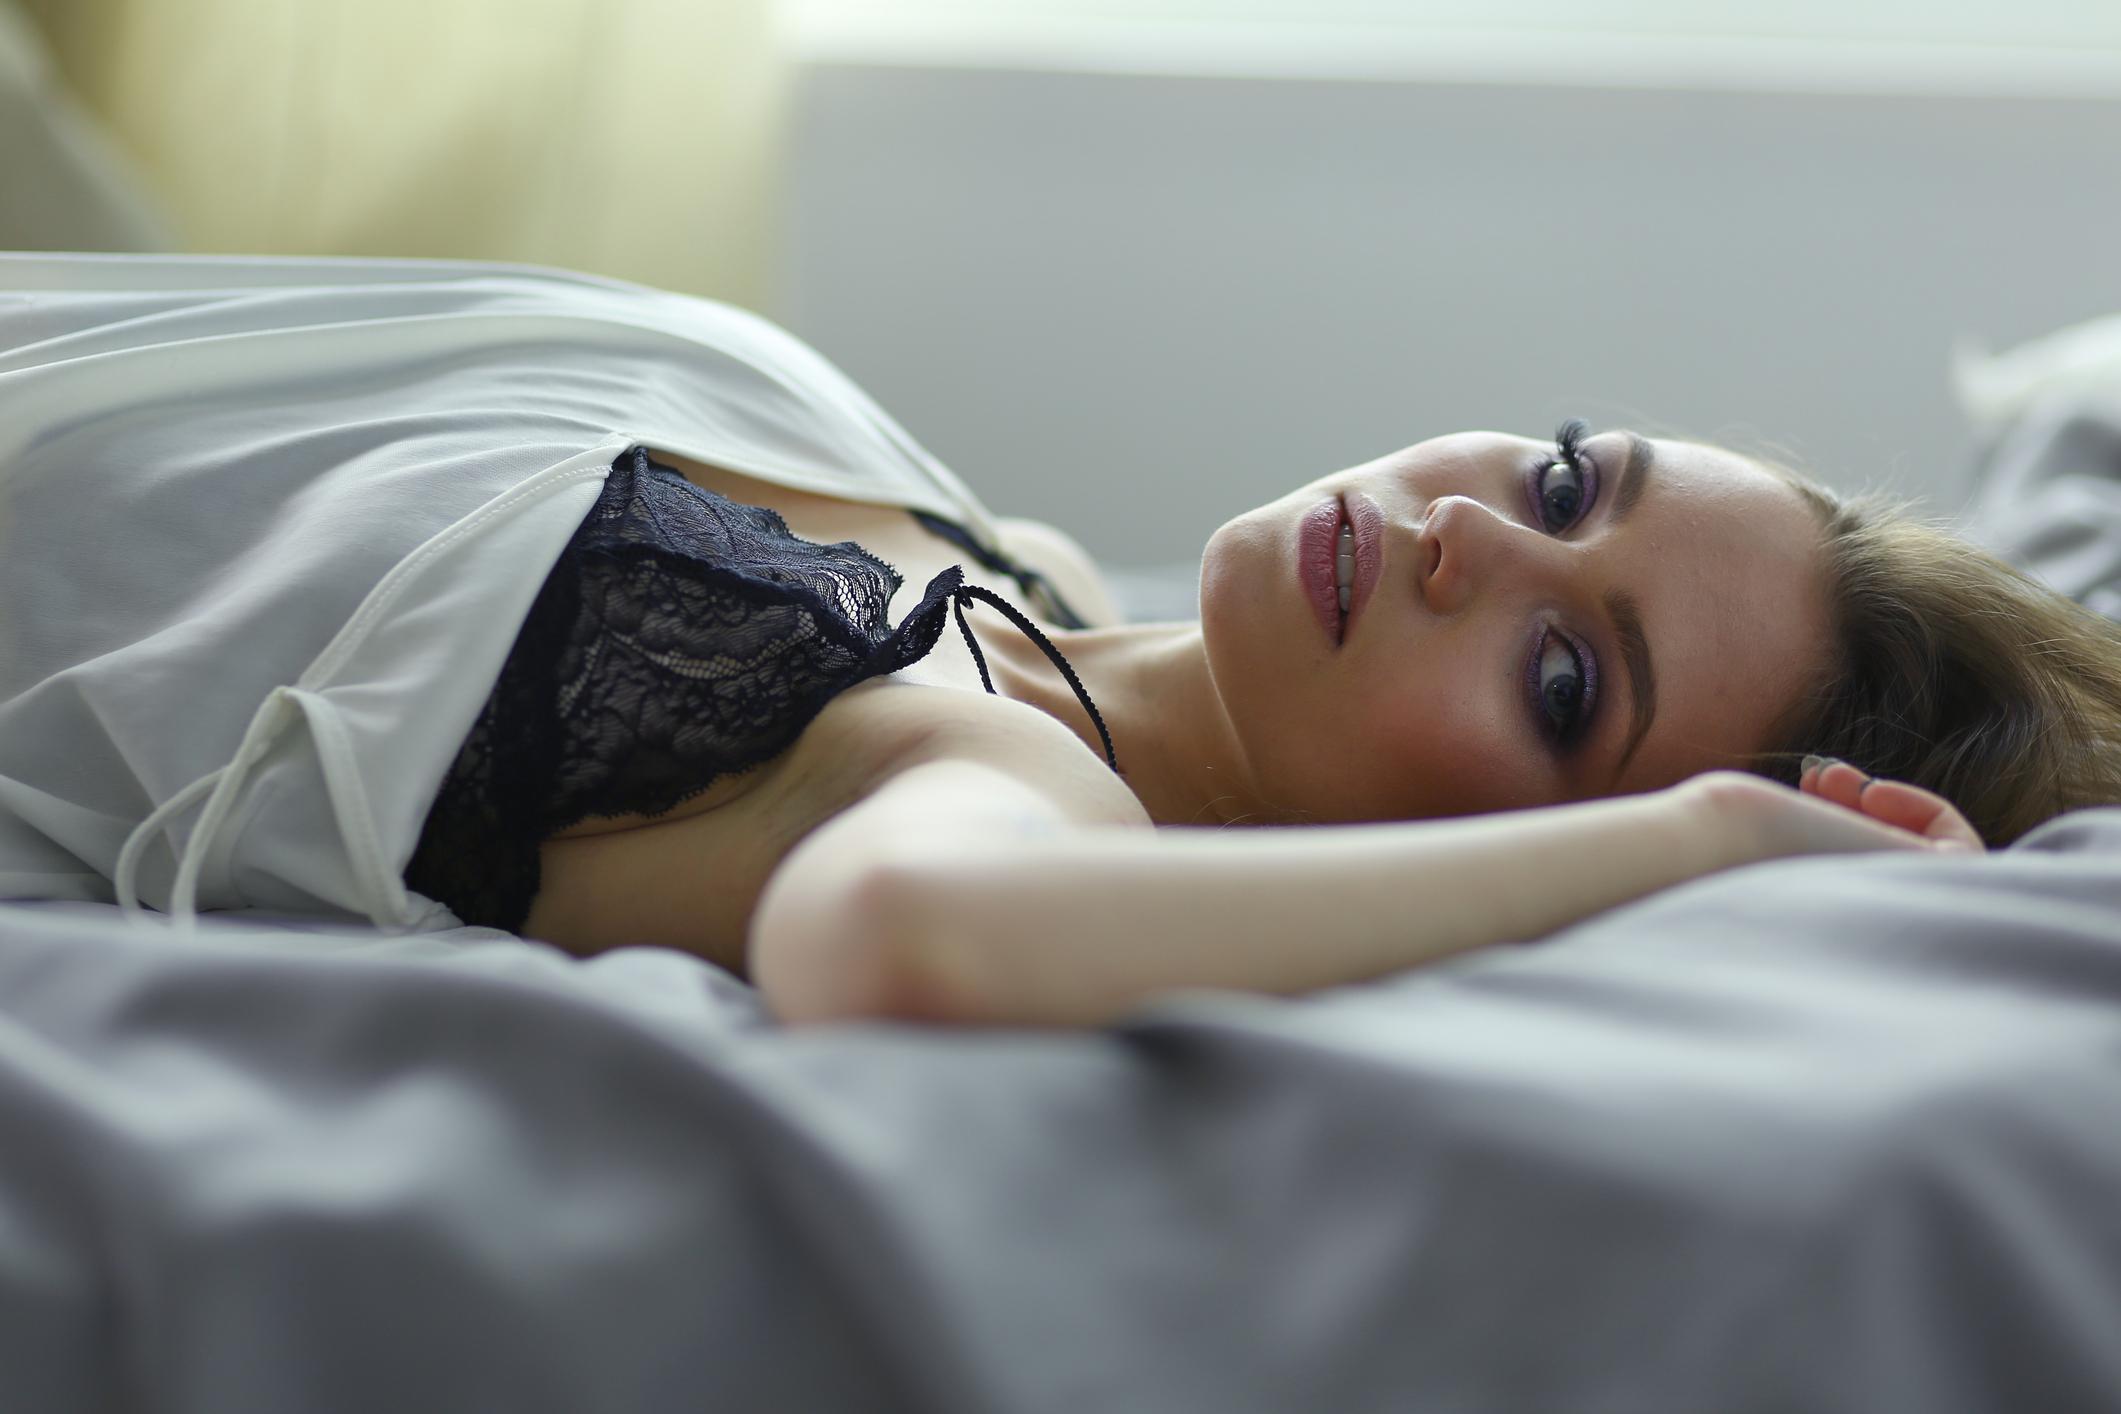 Kad se brinu zbog izgleda spolnog organa, žene se uglavnom brinu zbog izgleda i veličine malih i velikih usana.